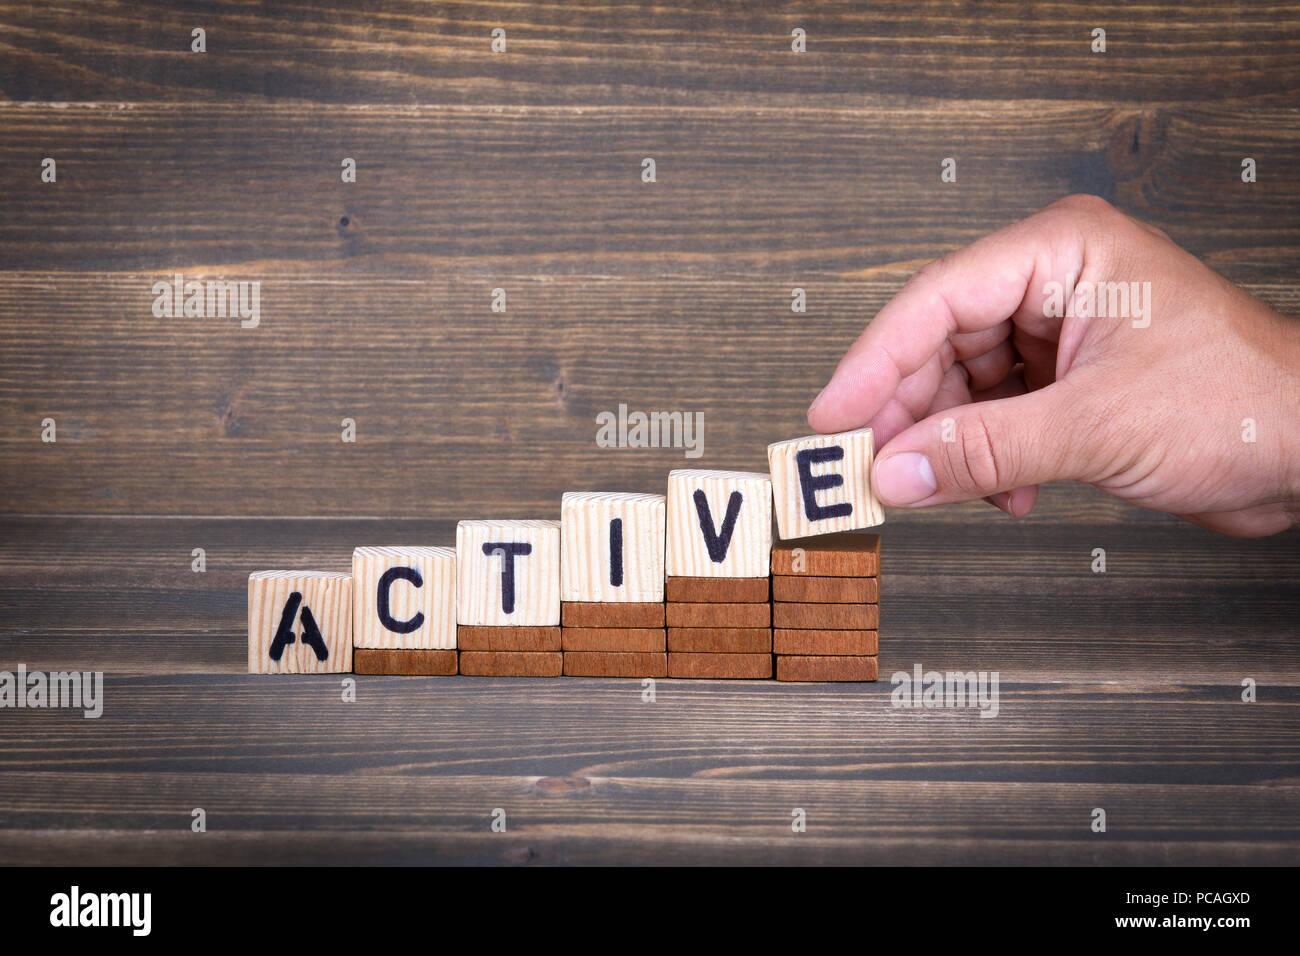 Activa. letras de madera sobre el escritorio de la oficina Imagen De Stock